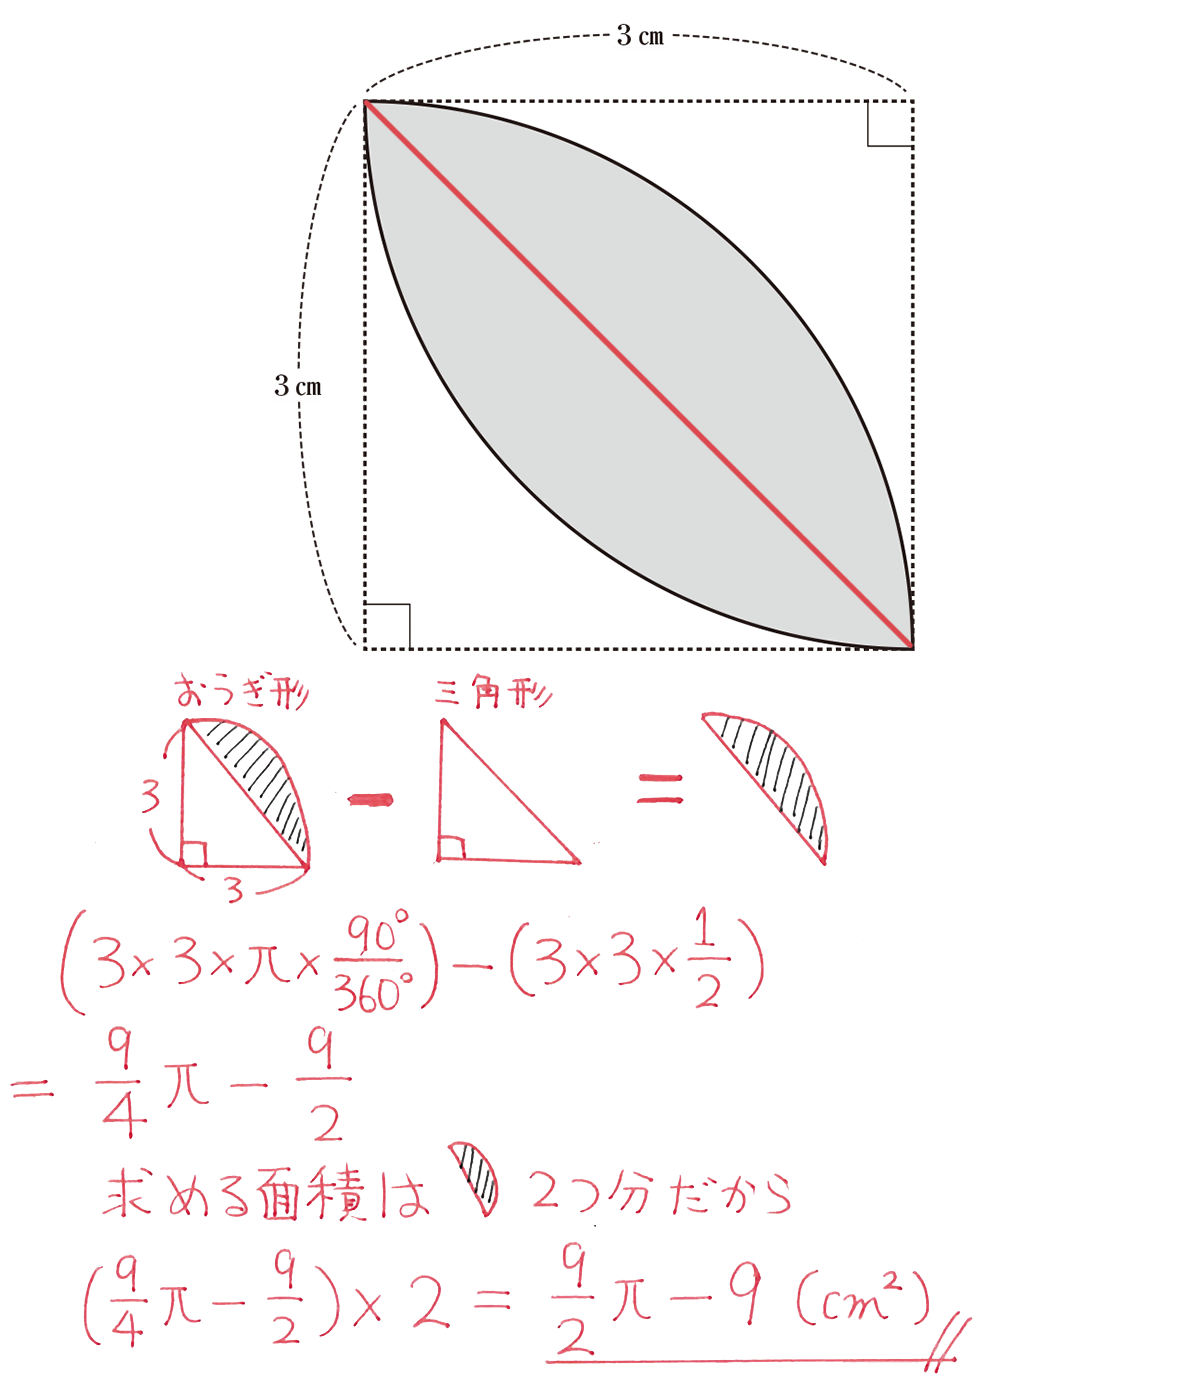 中1 数学79 練習の答え